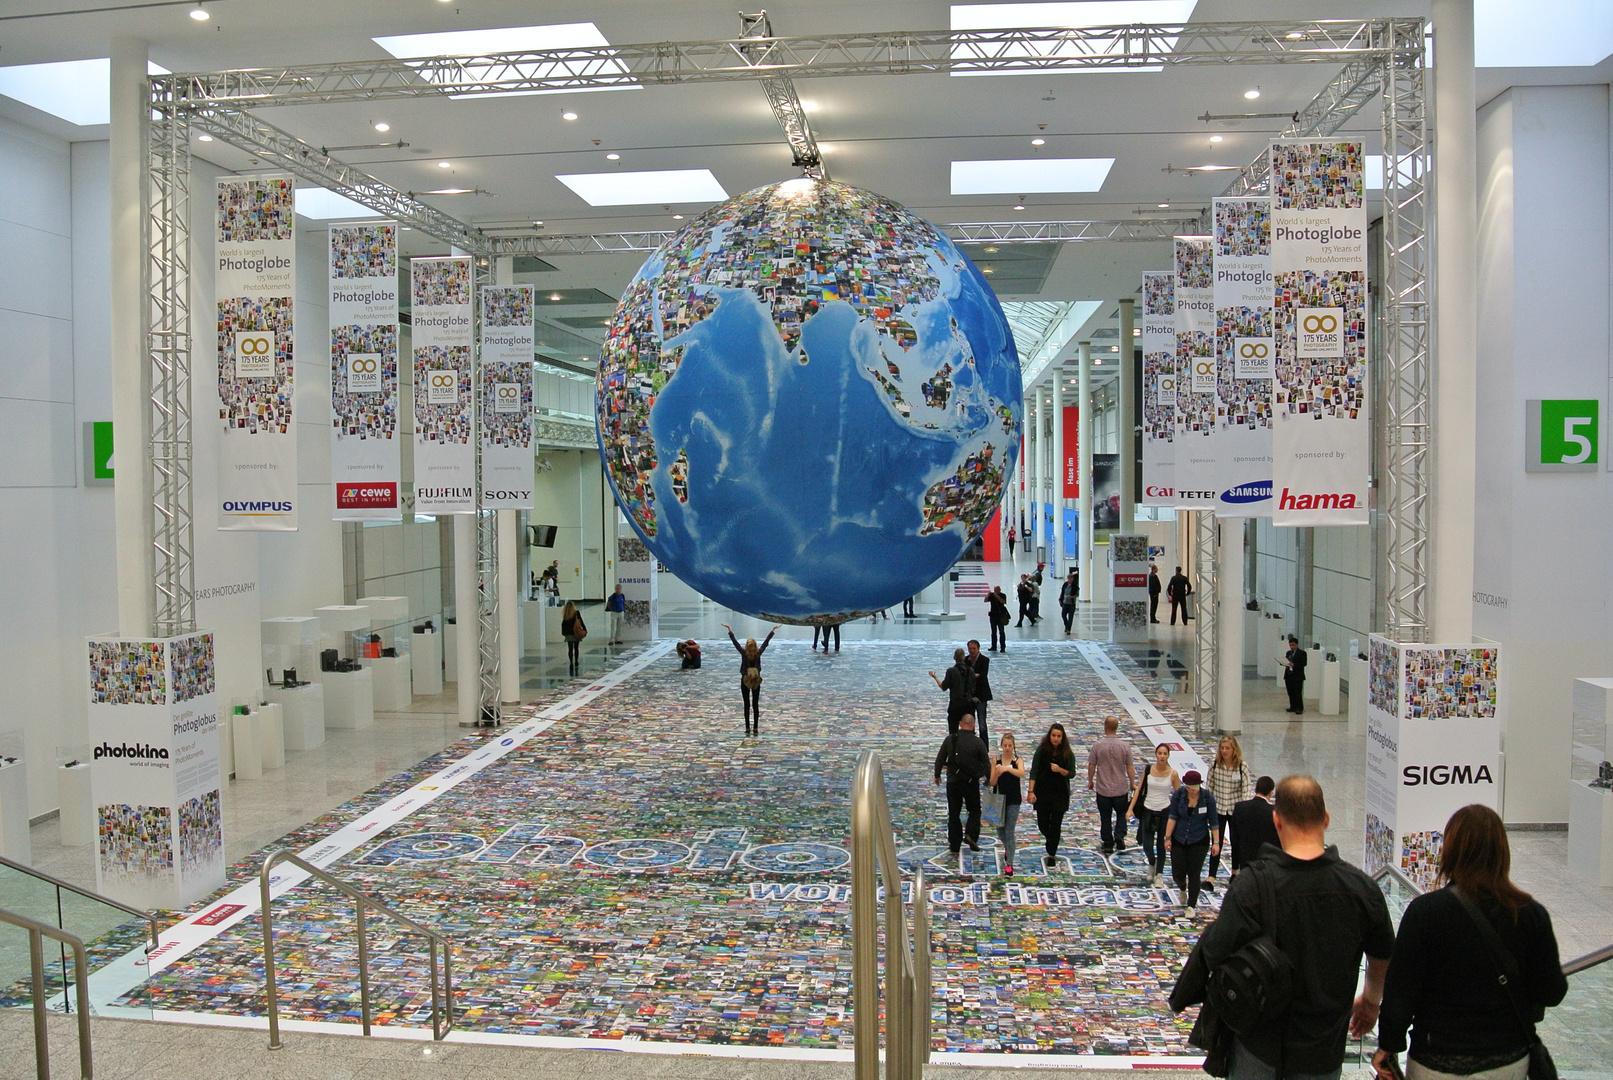 Der größte Foto-Globus der Welt auf der Photokina 2014